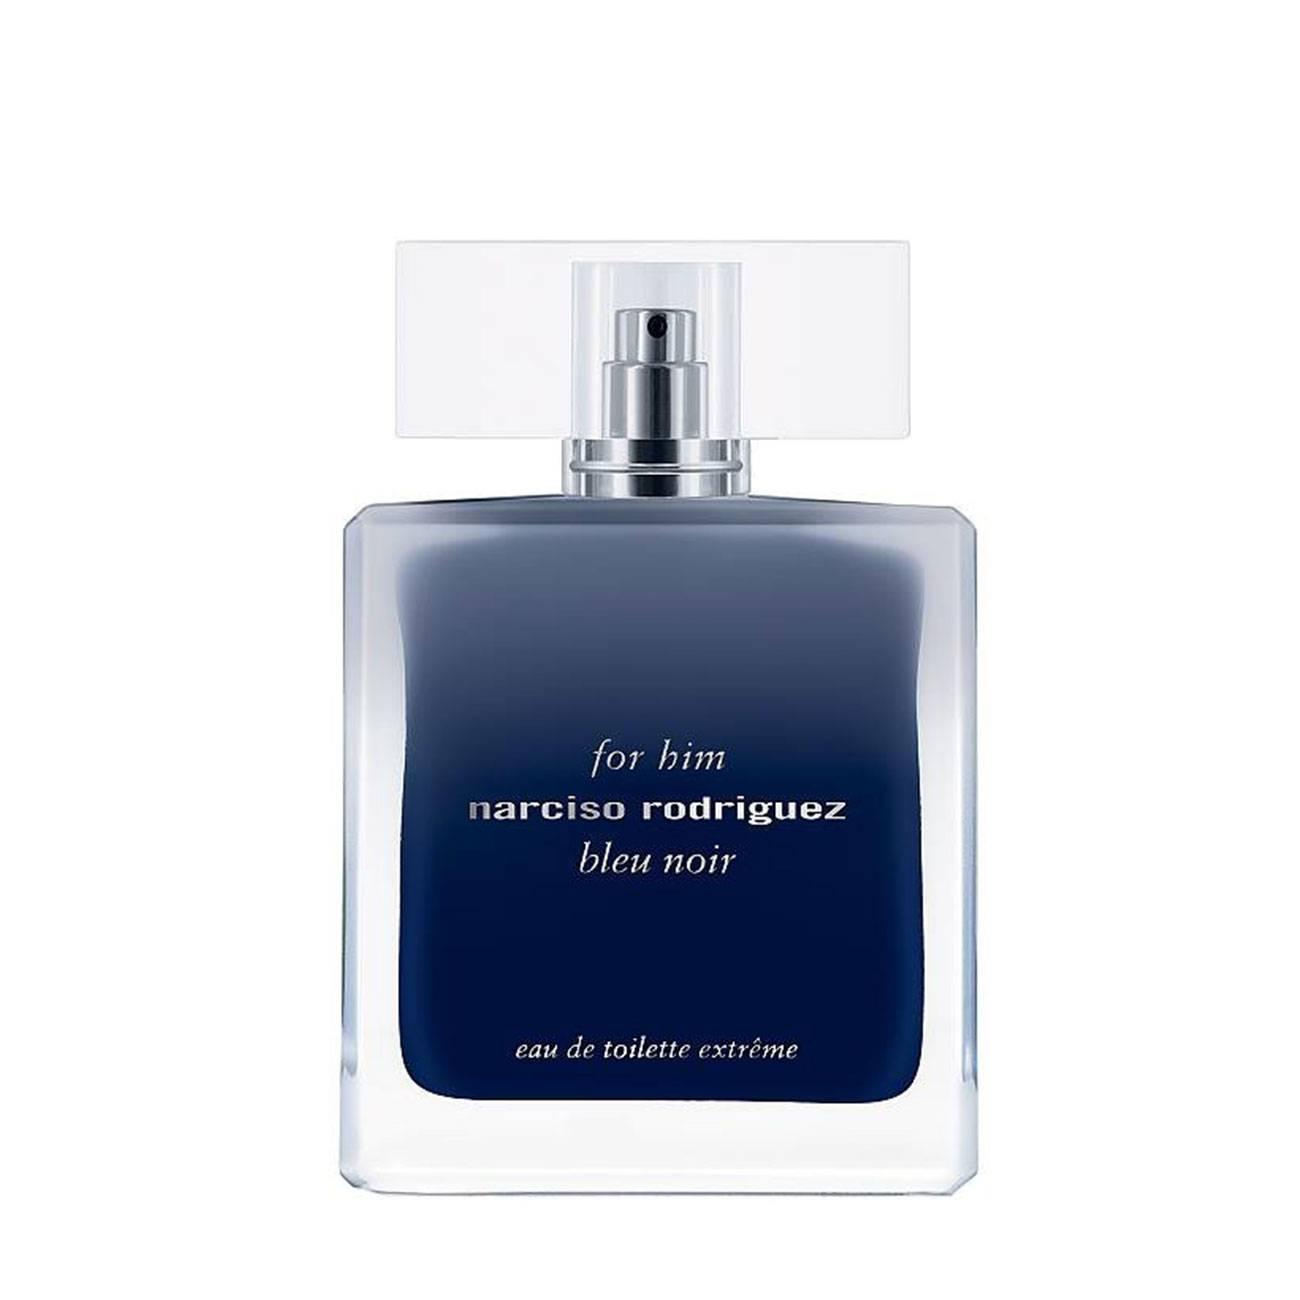 For Him Bleu Noir Eau De Toilette Extreme 100ml imagine